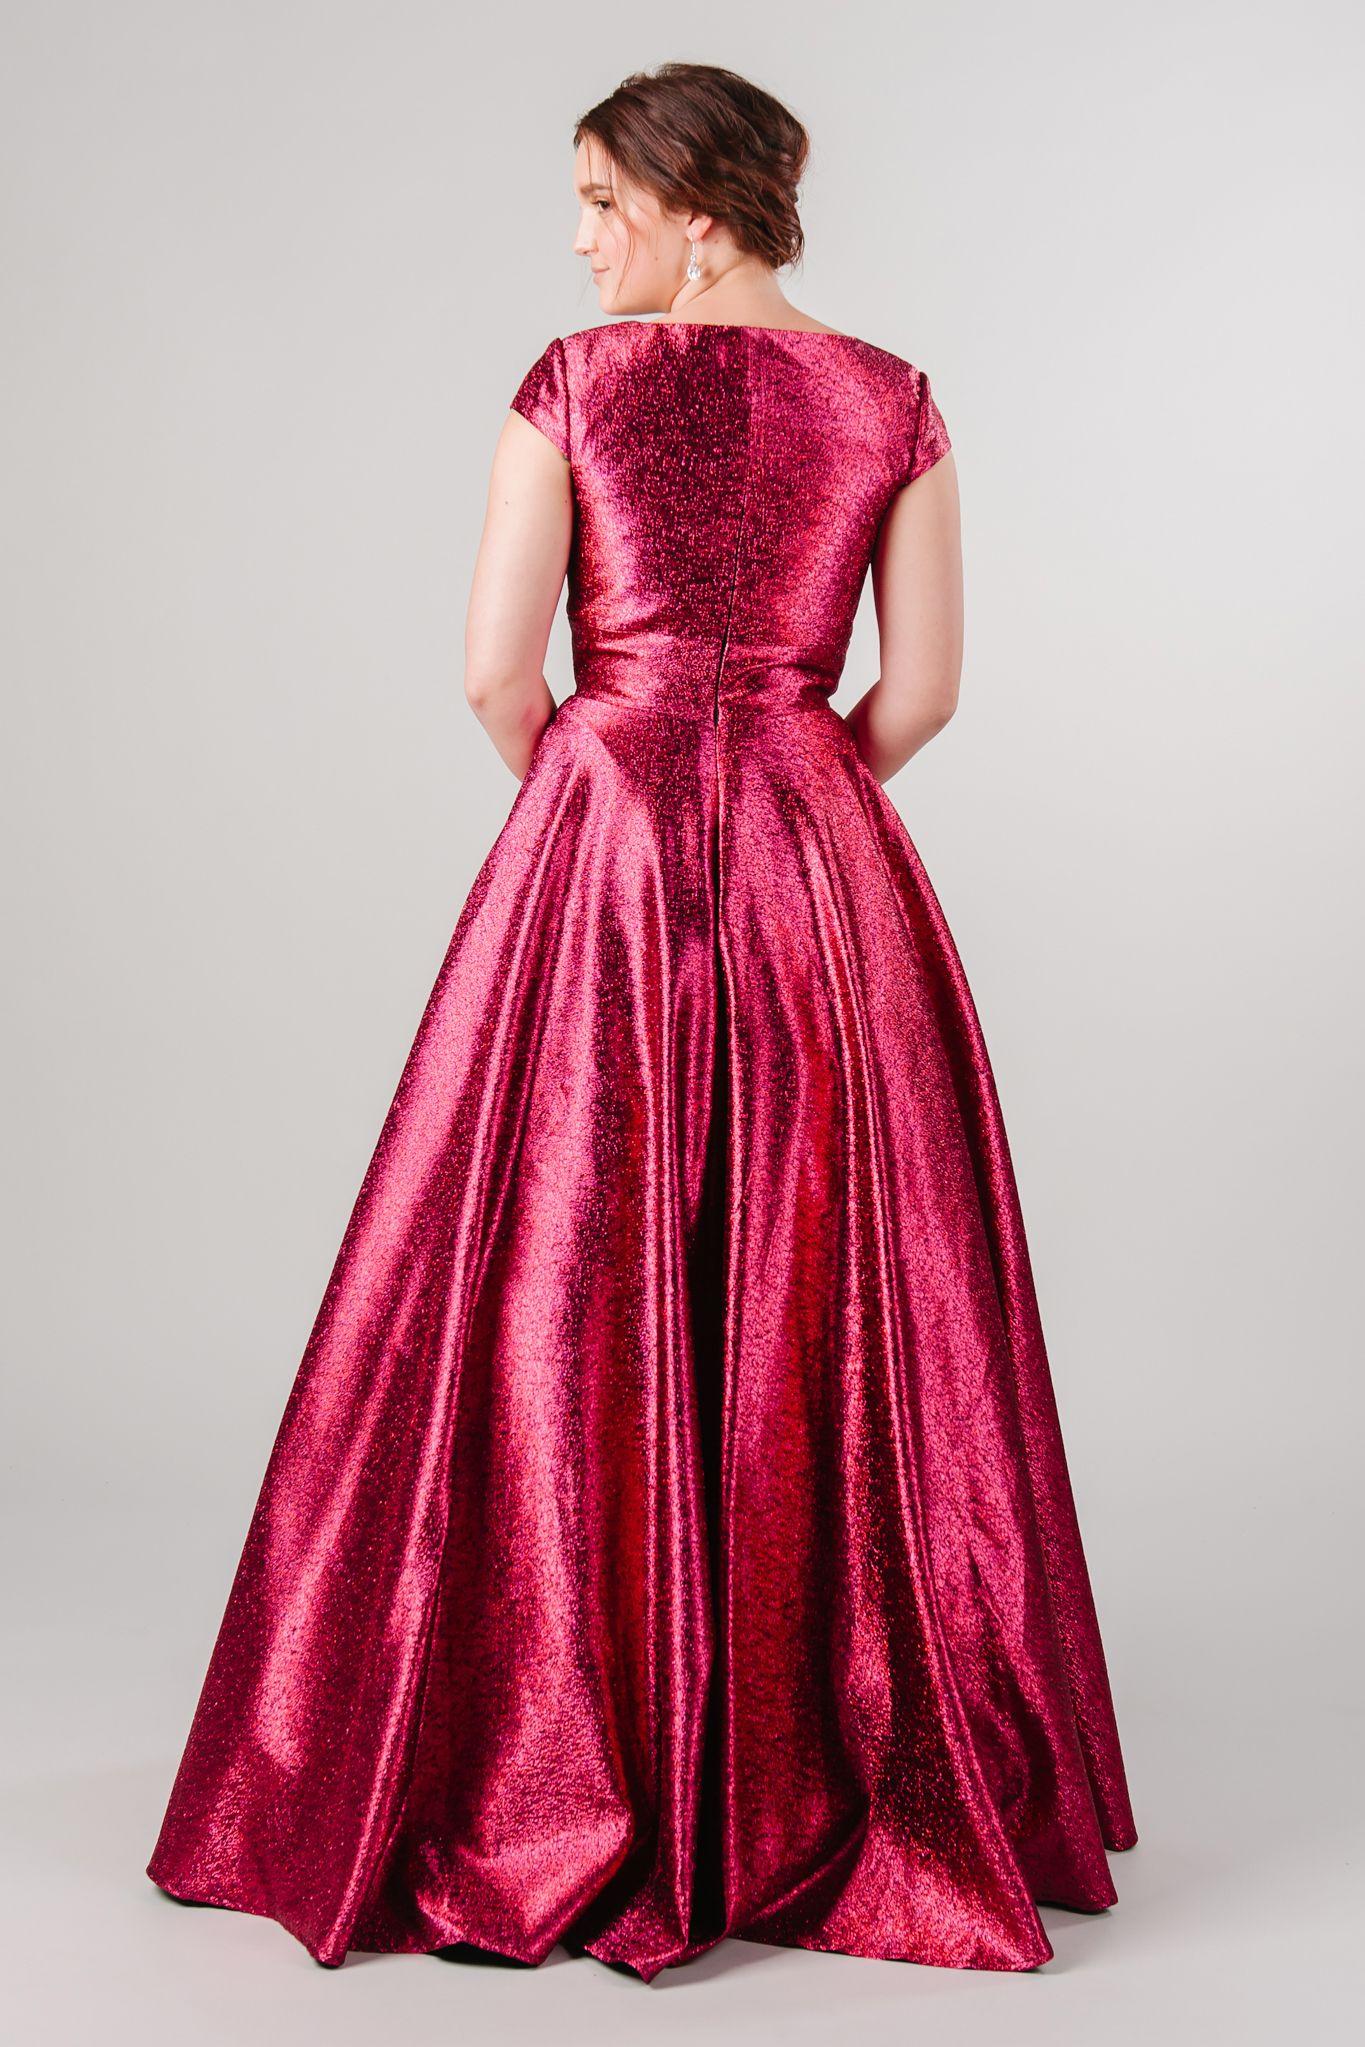 Red Modest Prom Ballgown #modestprom